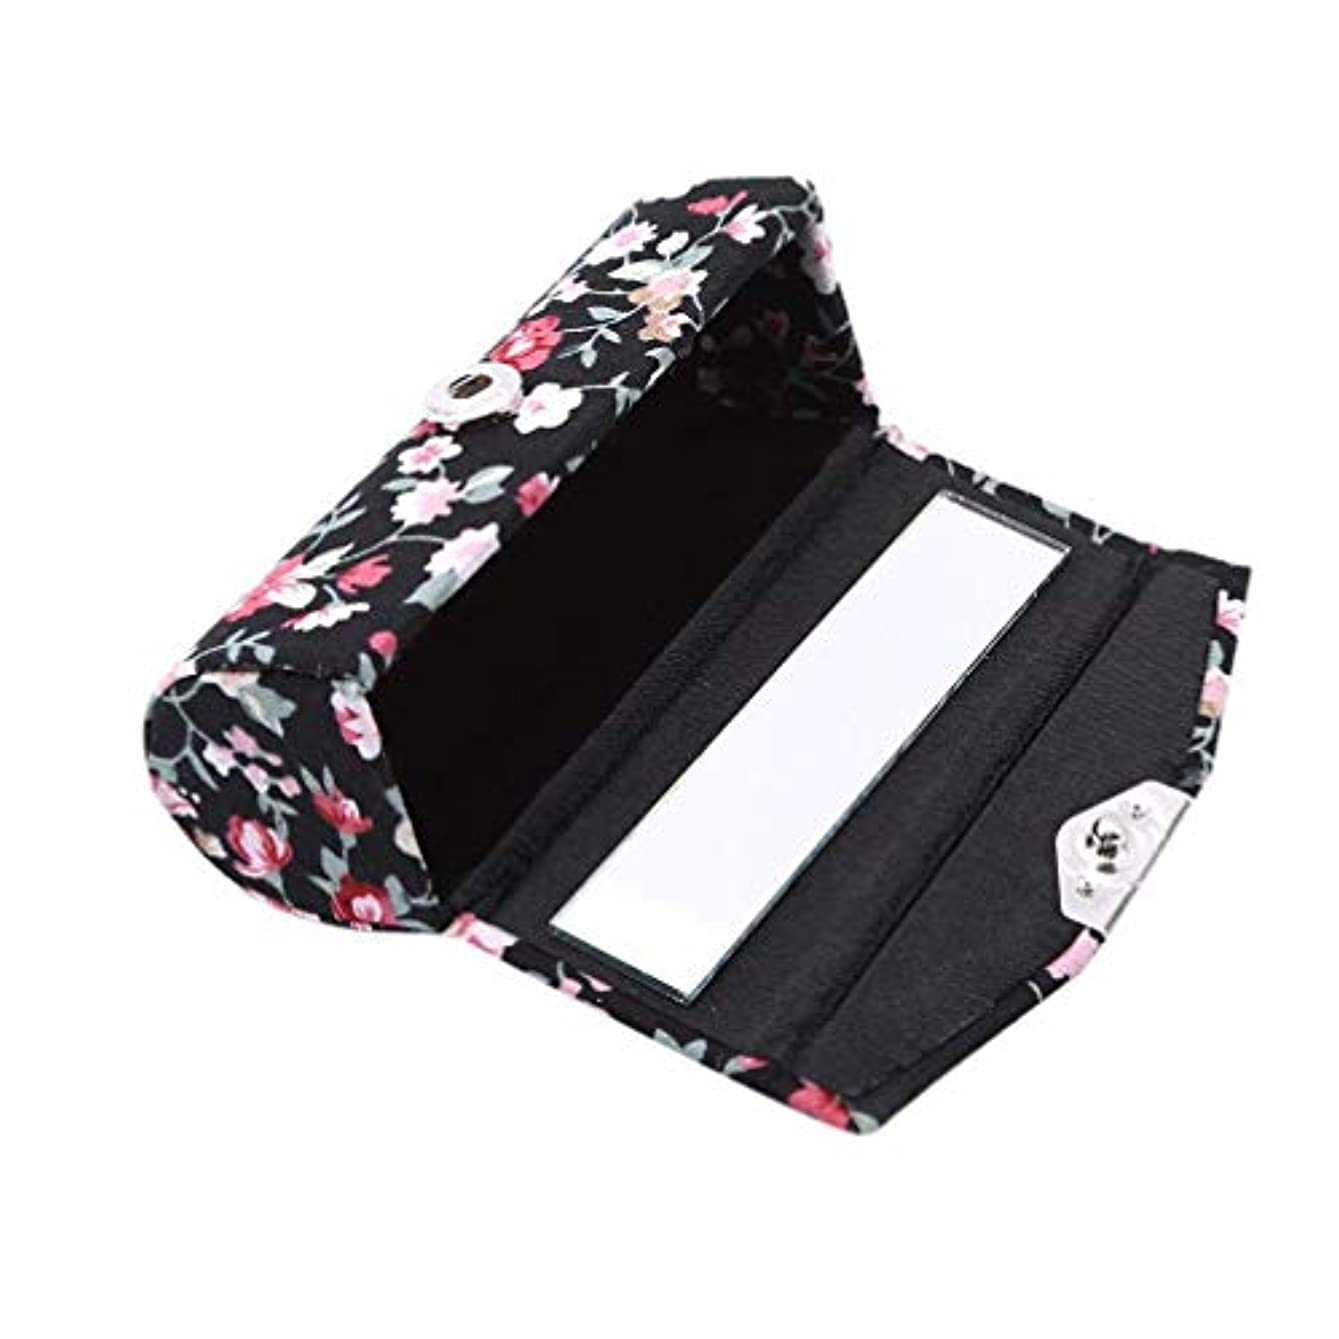 メロディアス野心プロポーショナル1st market 口紅ケースレトロ刺繍入り花柄付きミラーリップグロスボックスジュエリー収納ボックス、ブラック高品質